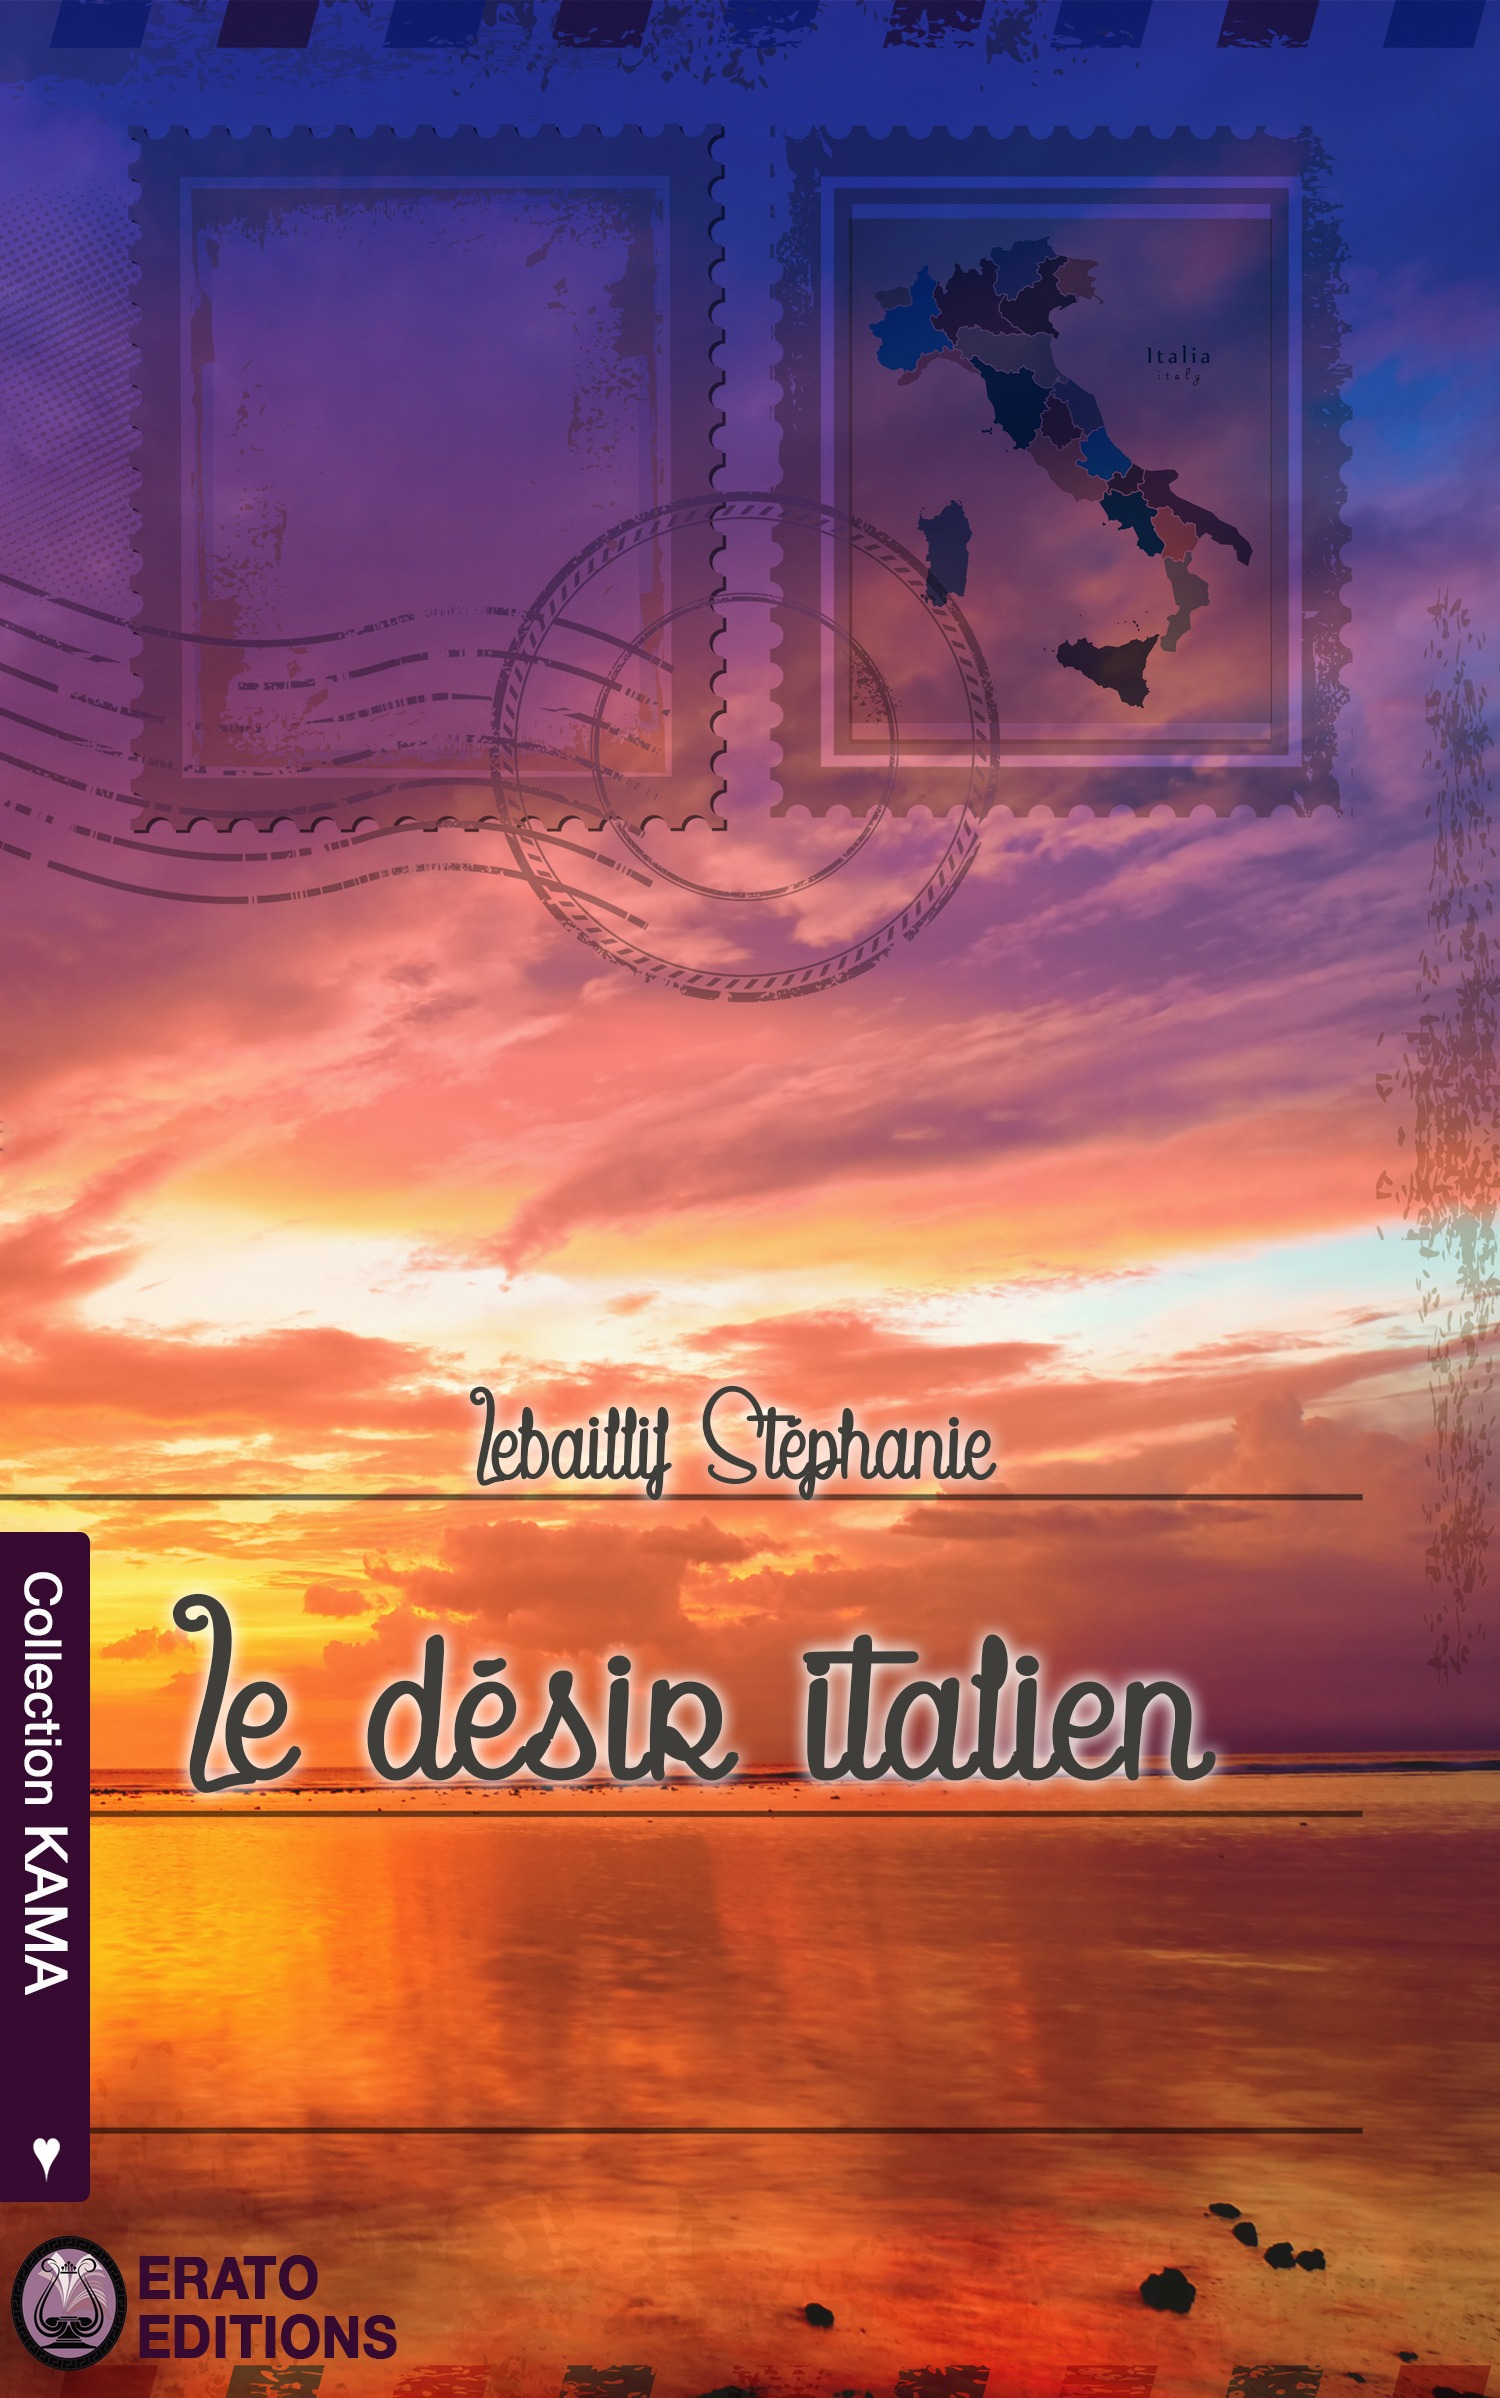 Le desir italien